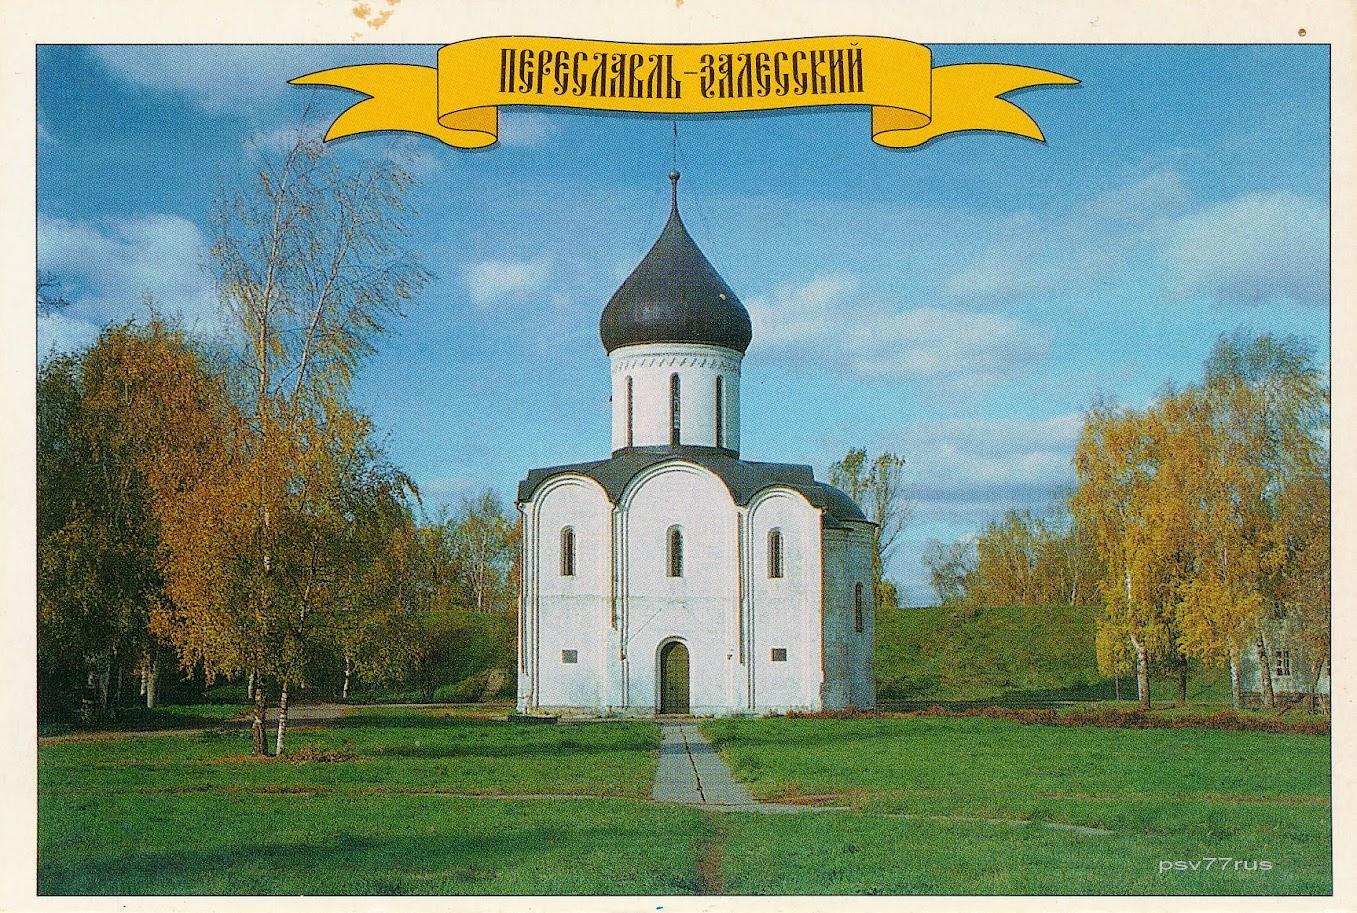 Открытки, переславль открытка